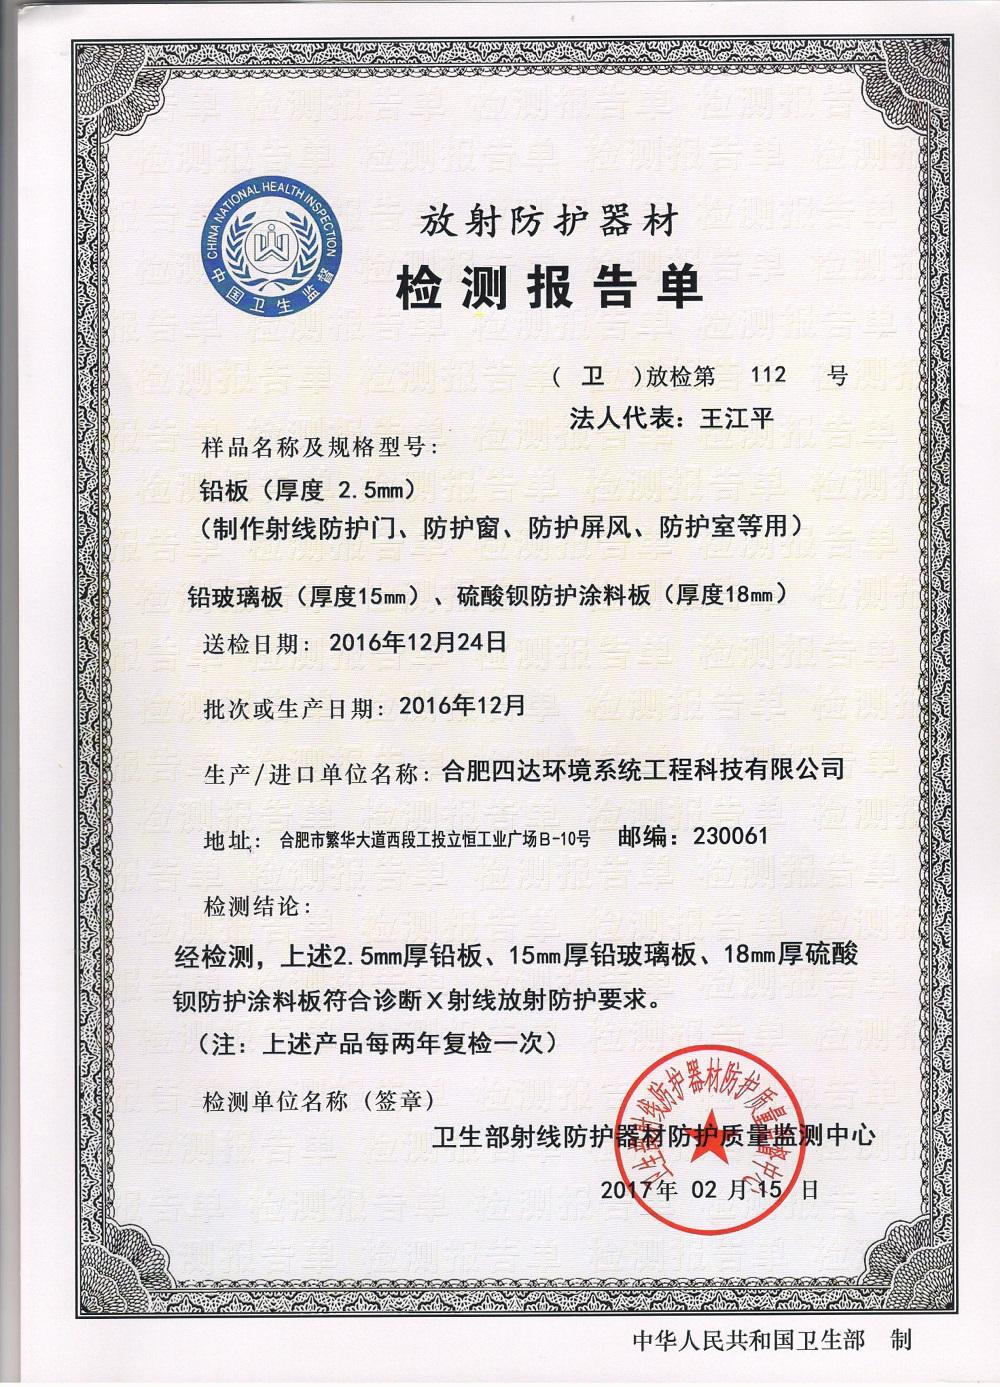 title='放射器材檢測報告單'